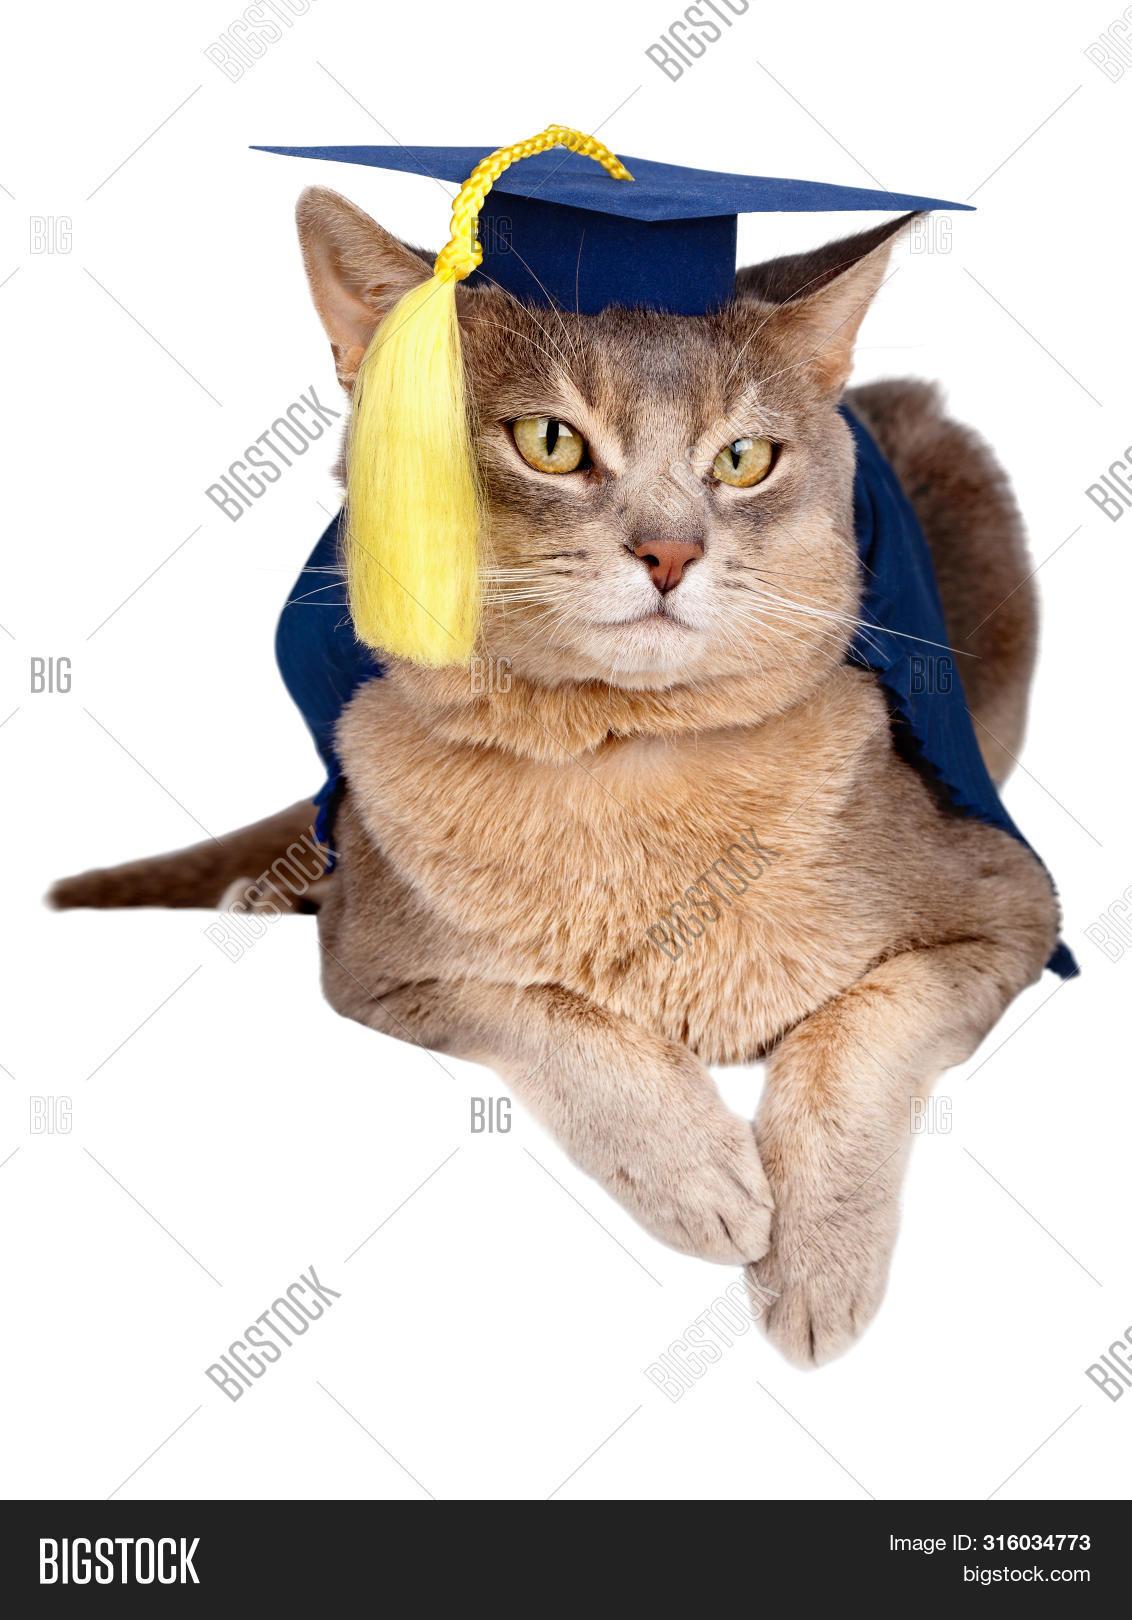 картинка кот в мантии компактным размерам